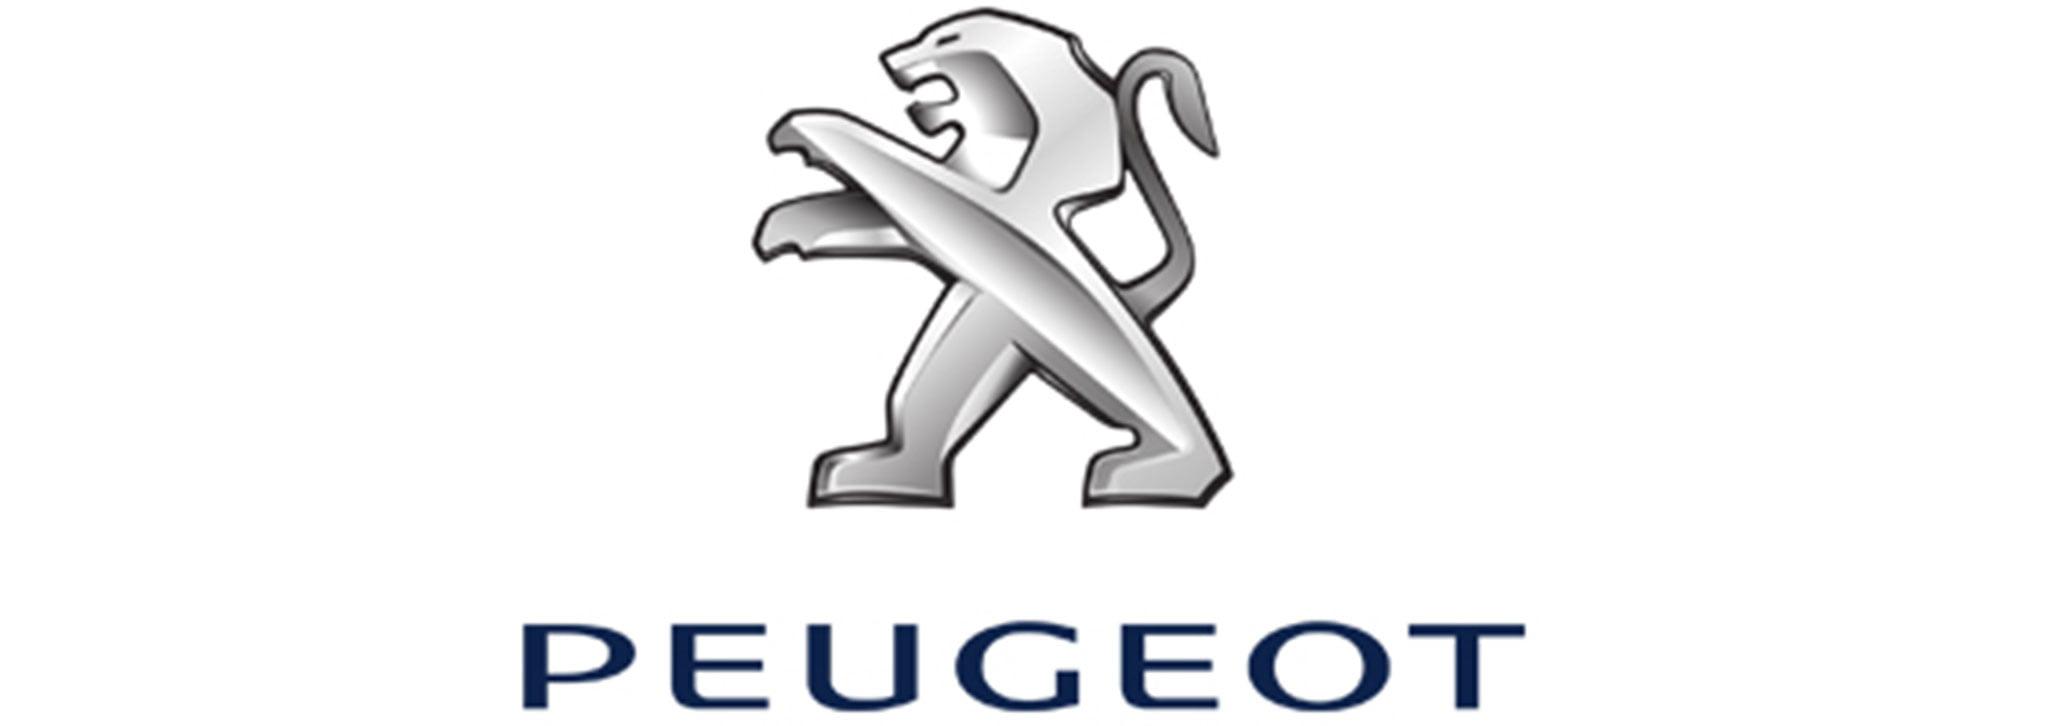 Peugeot logo - Dénia.com